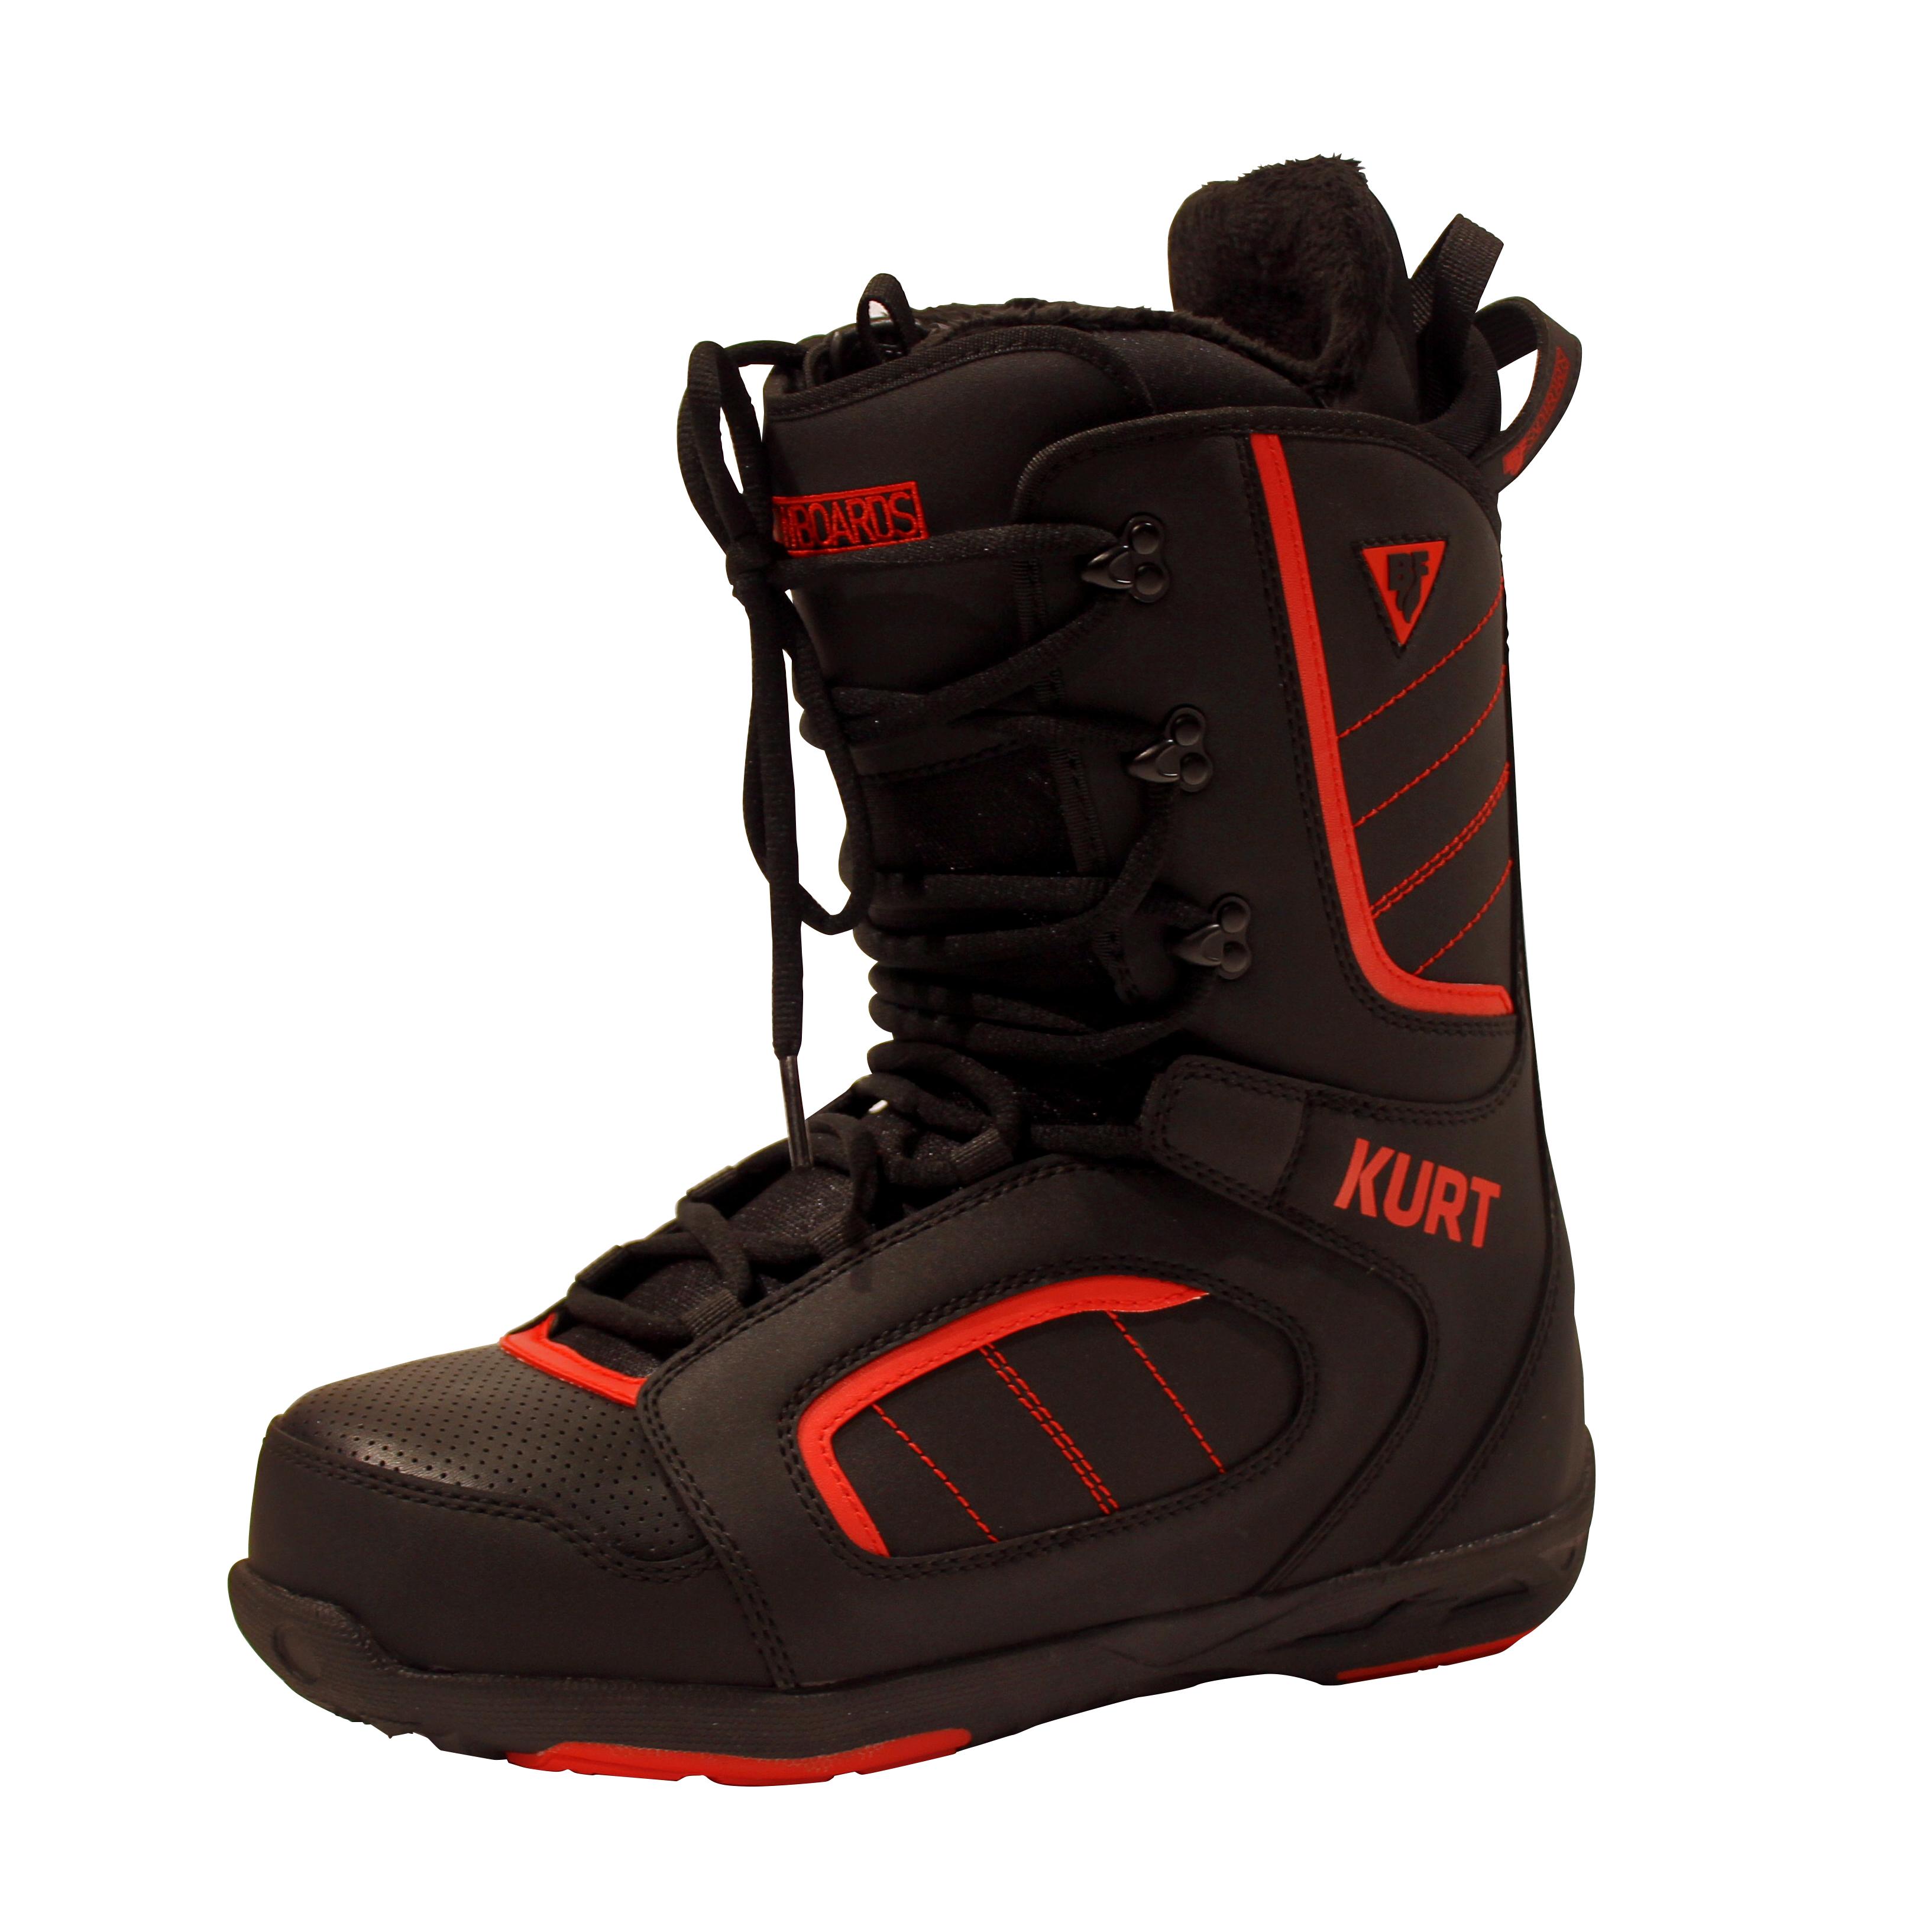 Ботинки для сноуборда BF snowboards 2017-18 KURT 1328250  - купить со скидкой